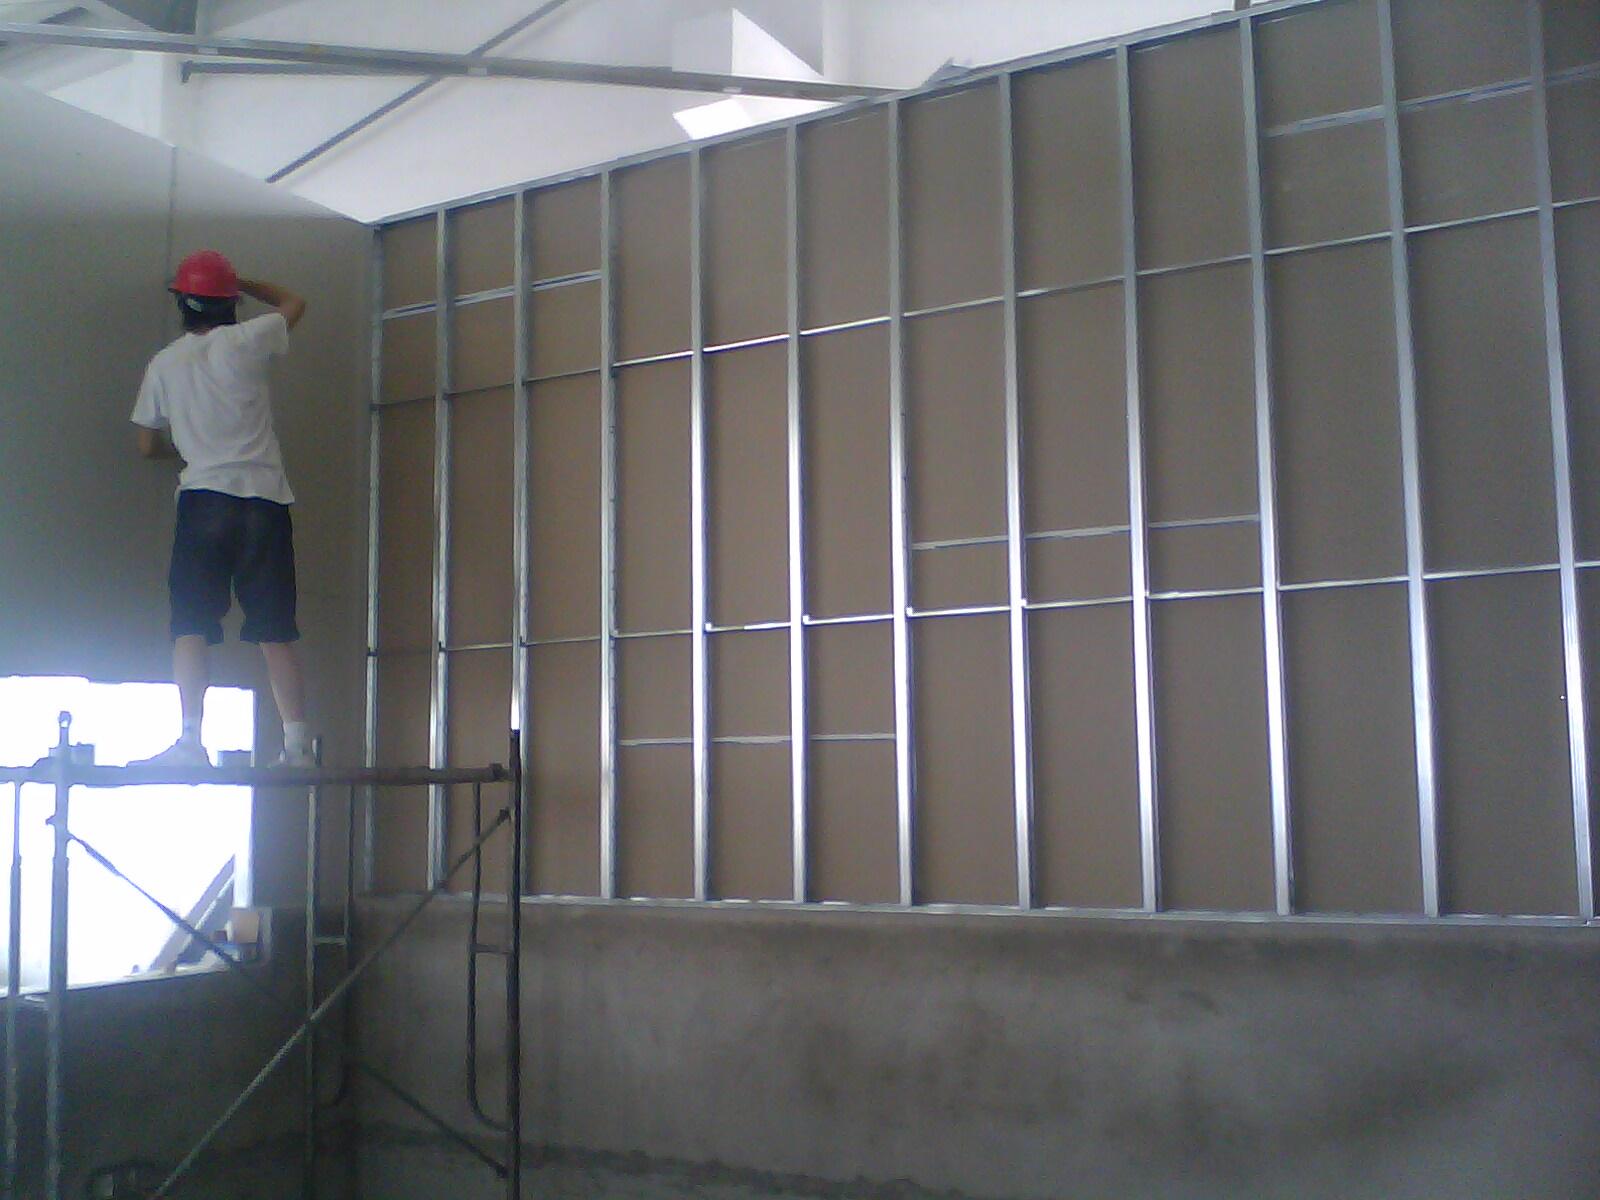 一般轻钢龙骨隔墙的厚度是多少